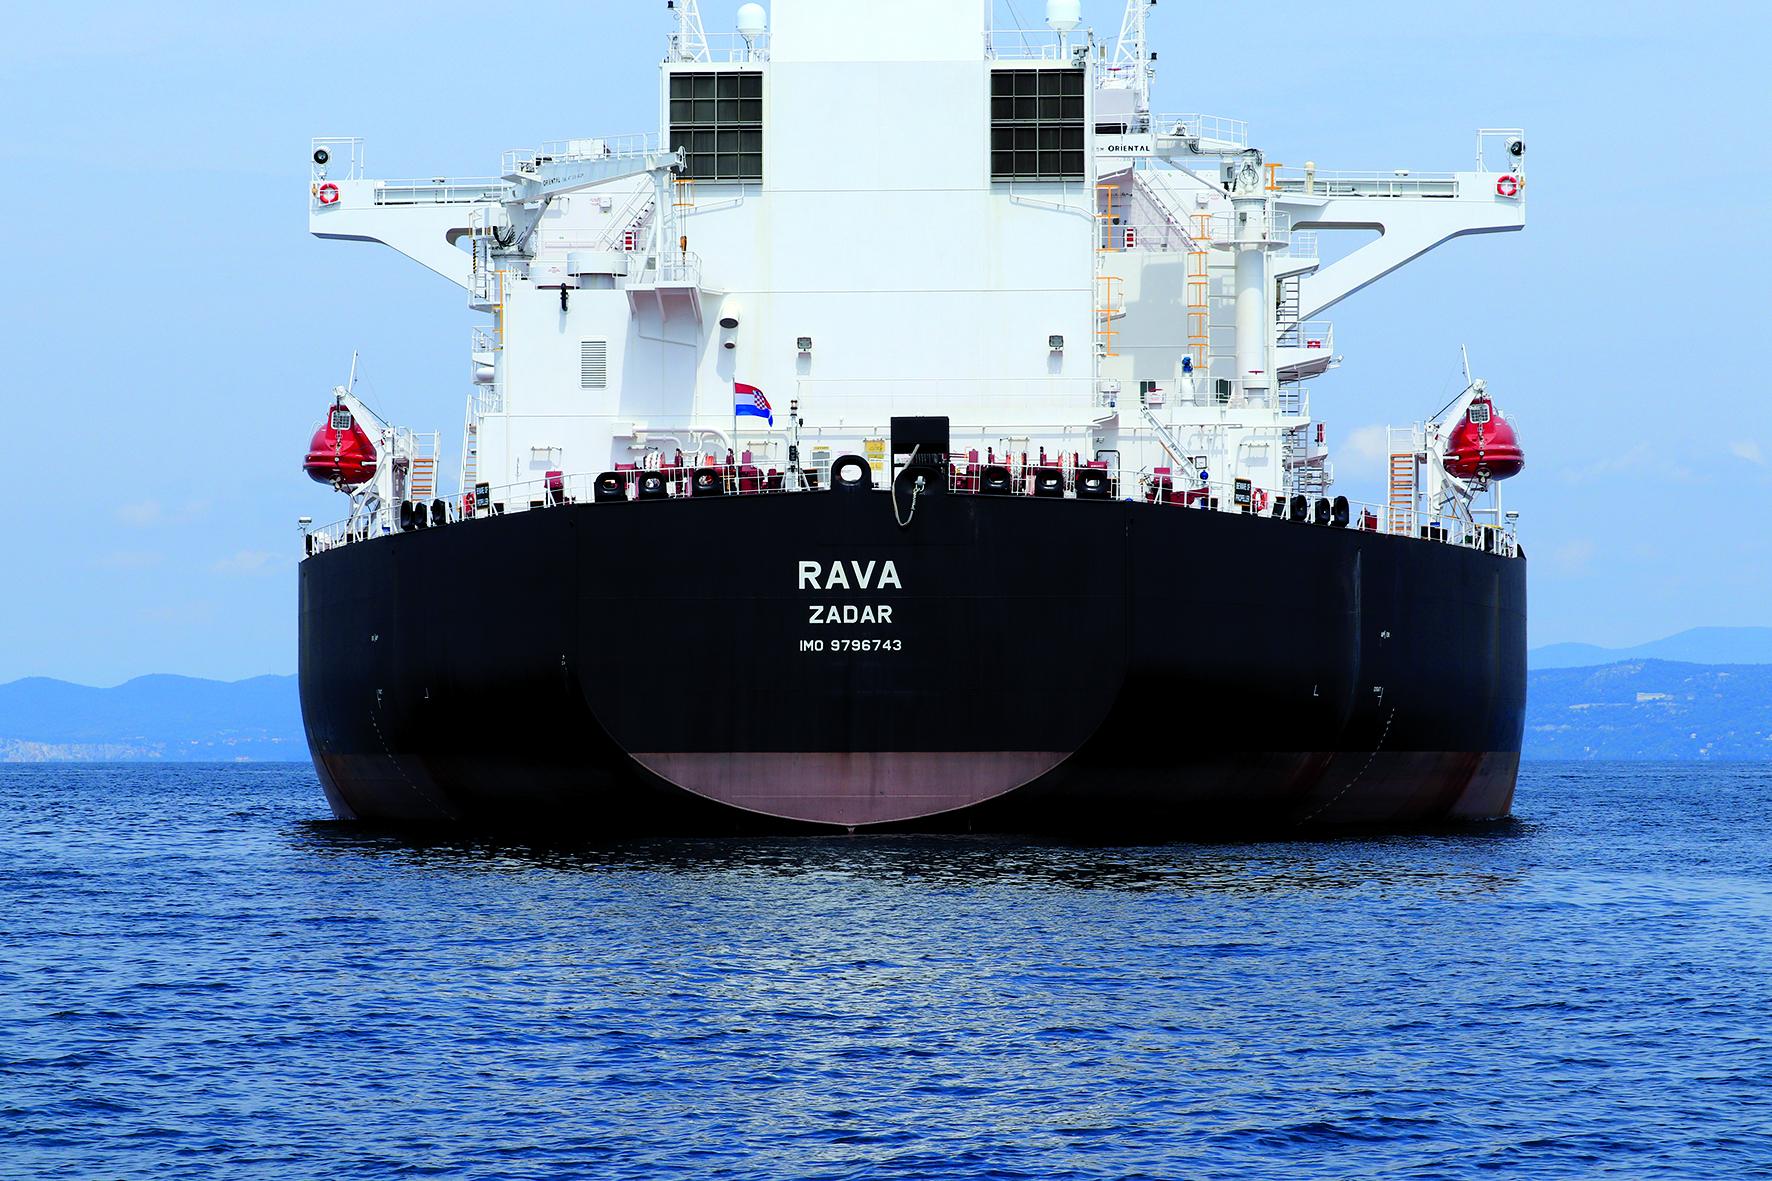 """Der 20.000ste Öltanker mit dem Namen """"Rava"""" legt am Seehafenterminal in Triest an"""